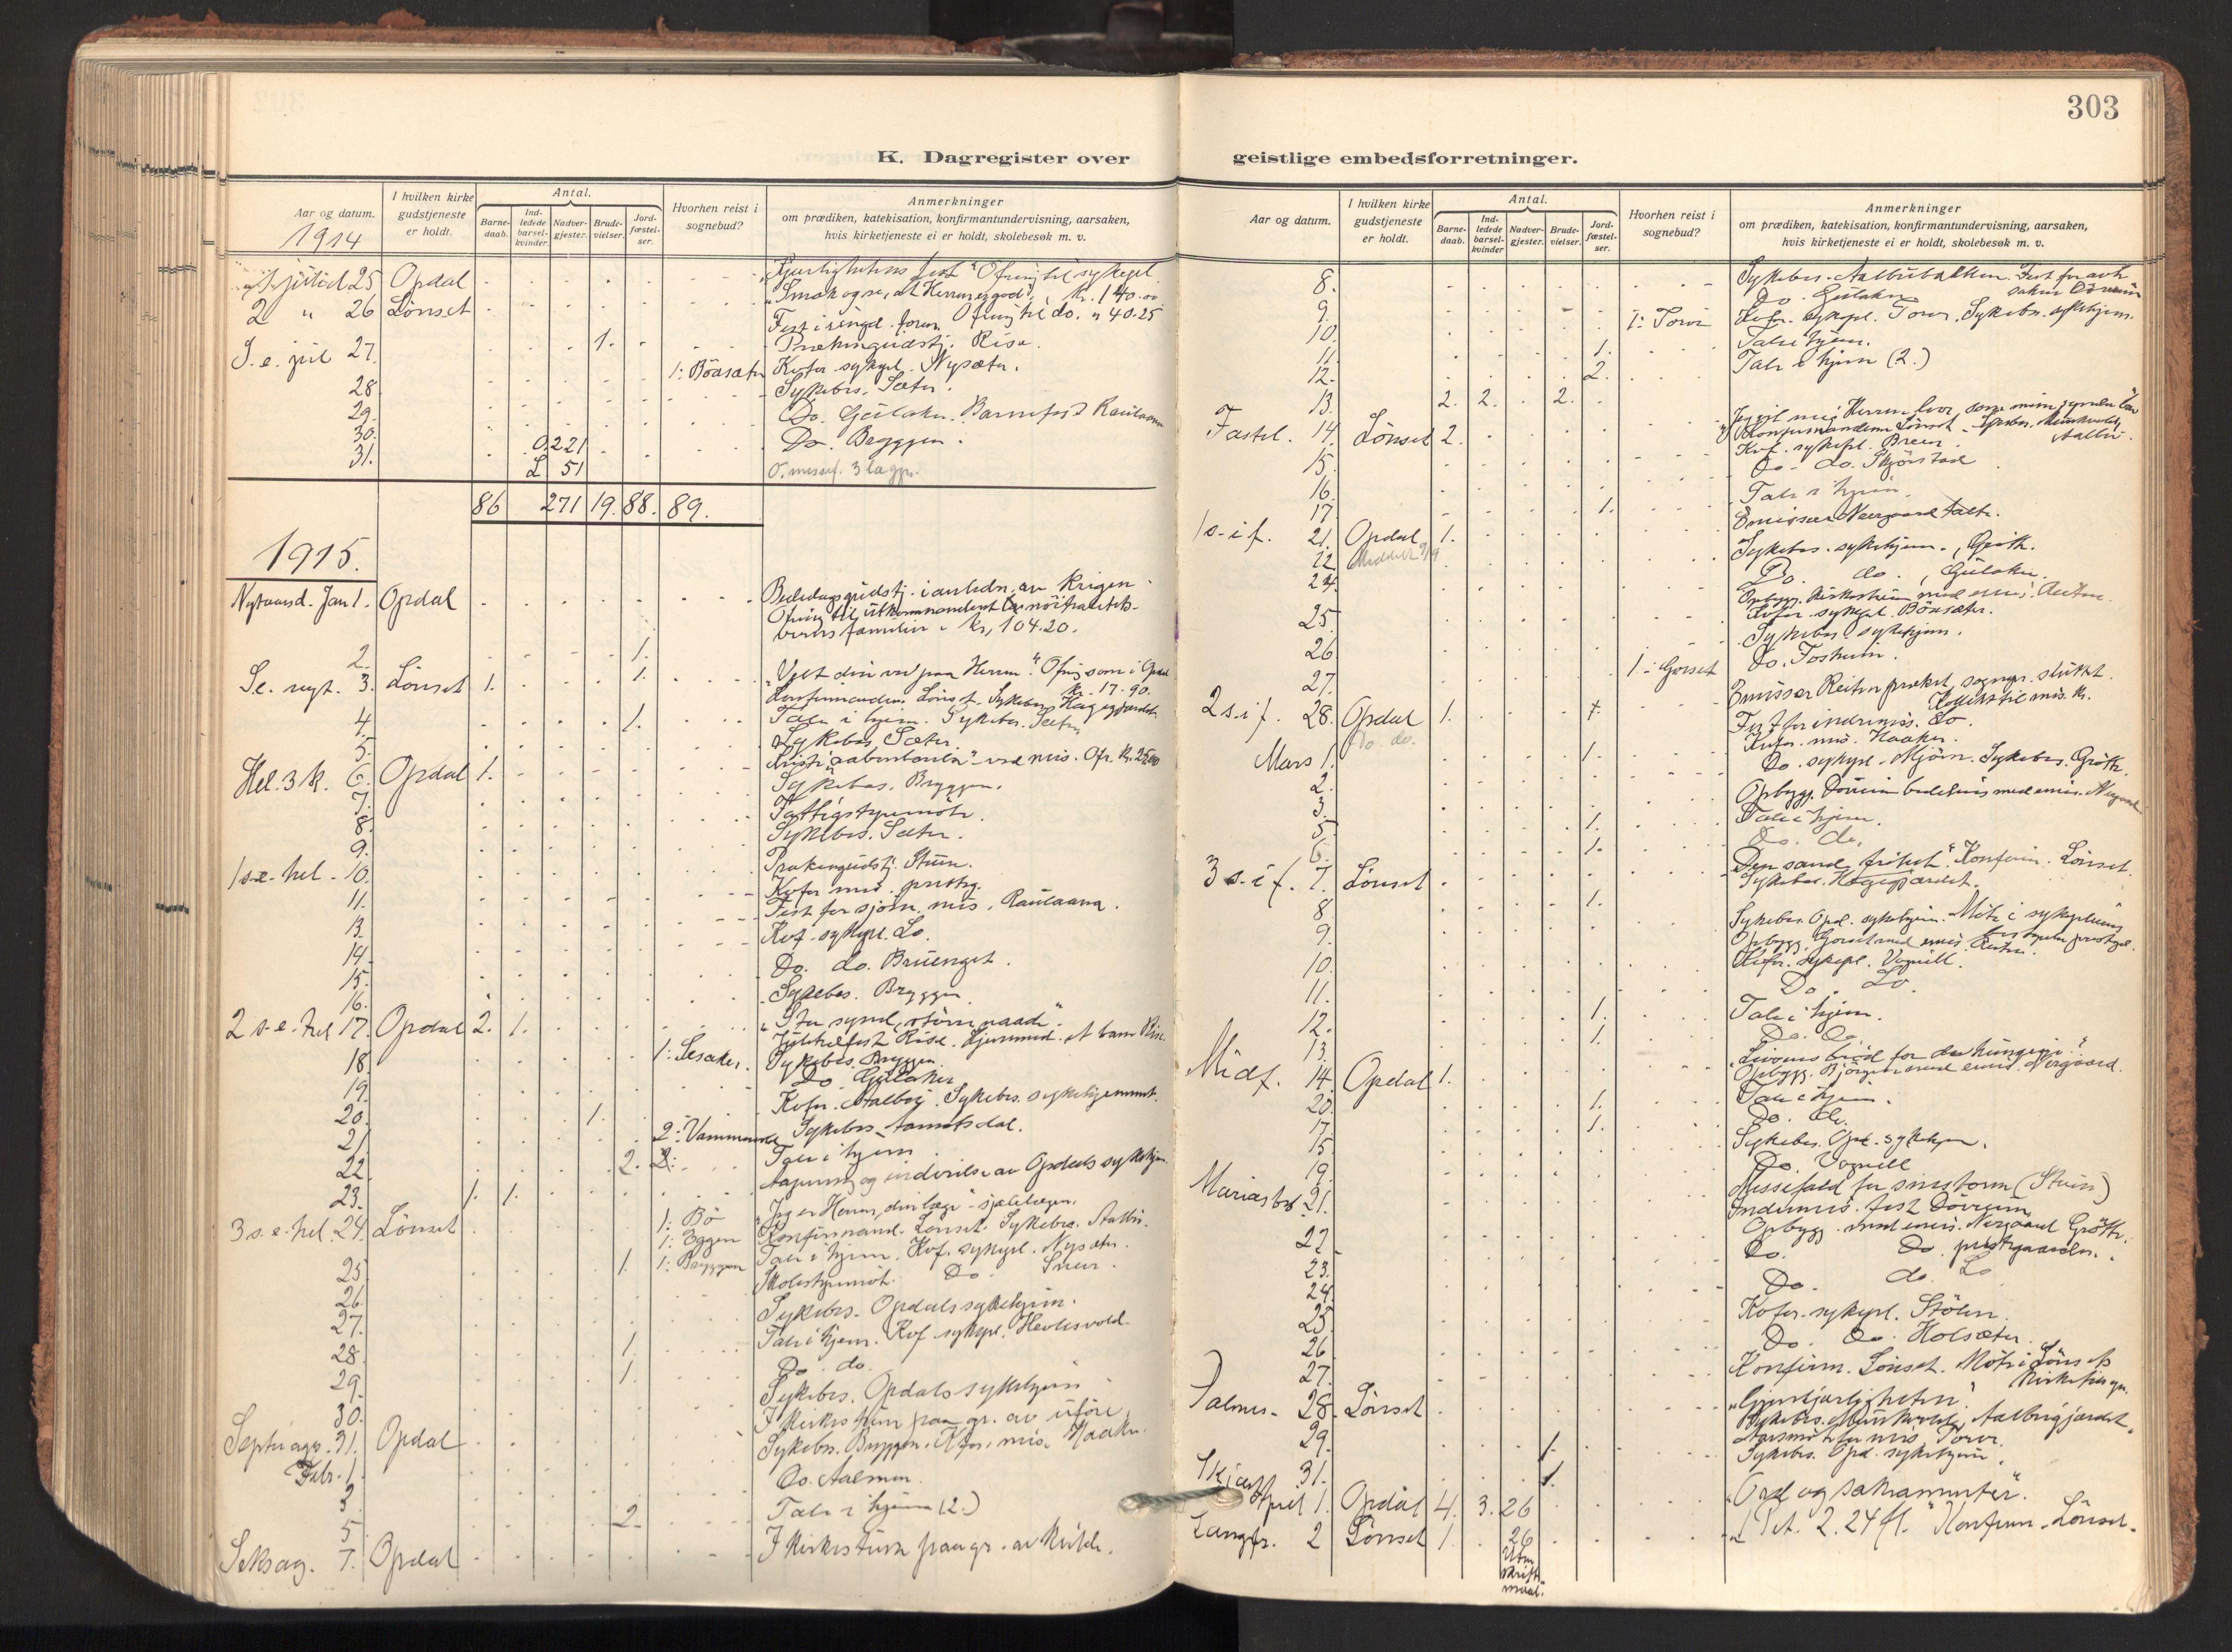 SAT, Ministerialprotokoller, klokkerbøker og fødselsregistre - Sør-Trøndelag, 678/L0909: Ministerialbok nr. 678A17, 1912-1930, s. 303